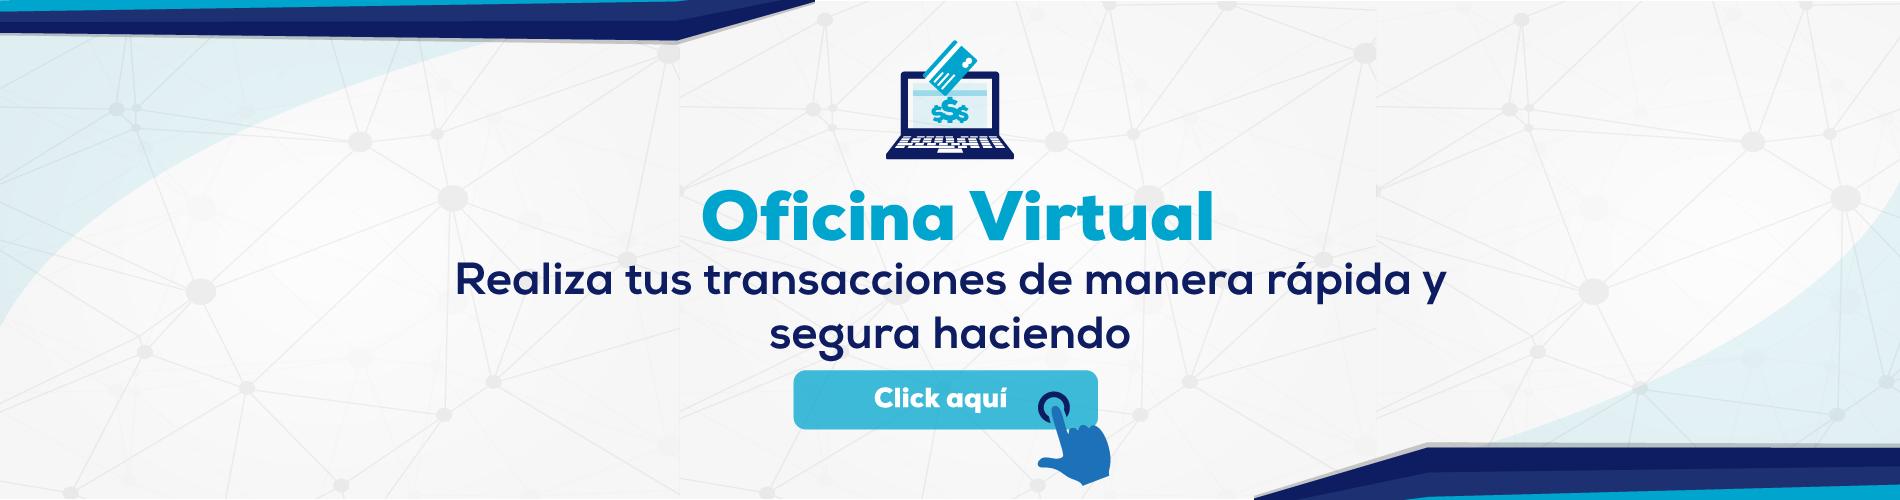 Banner Oficina Virtual EDENORTE